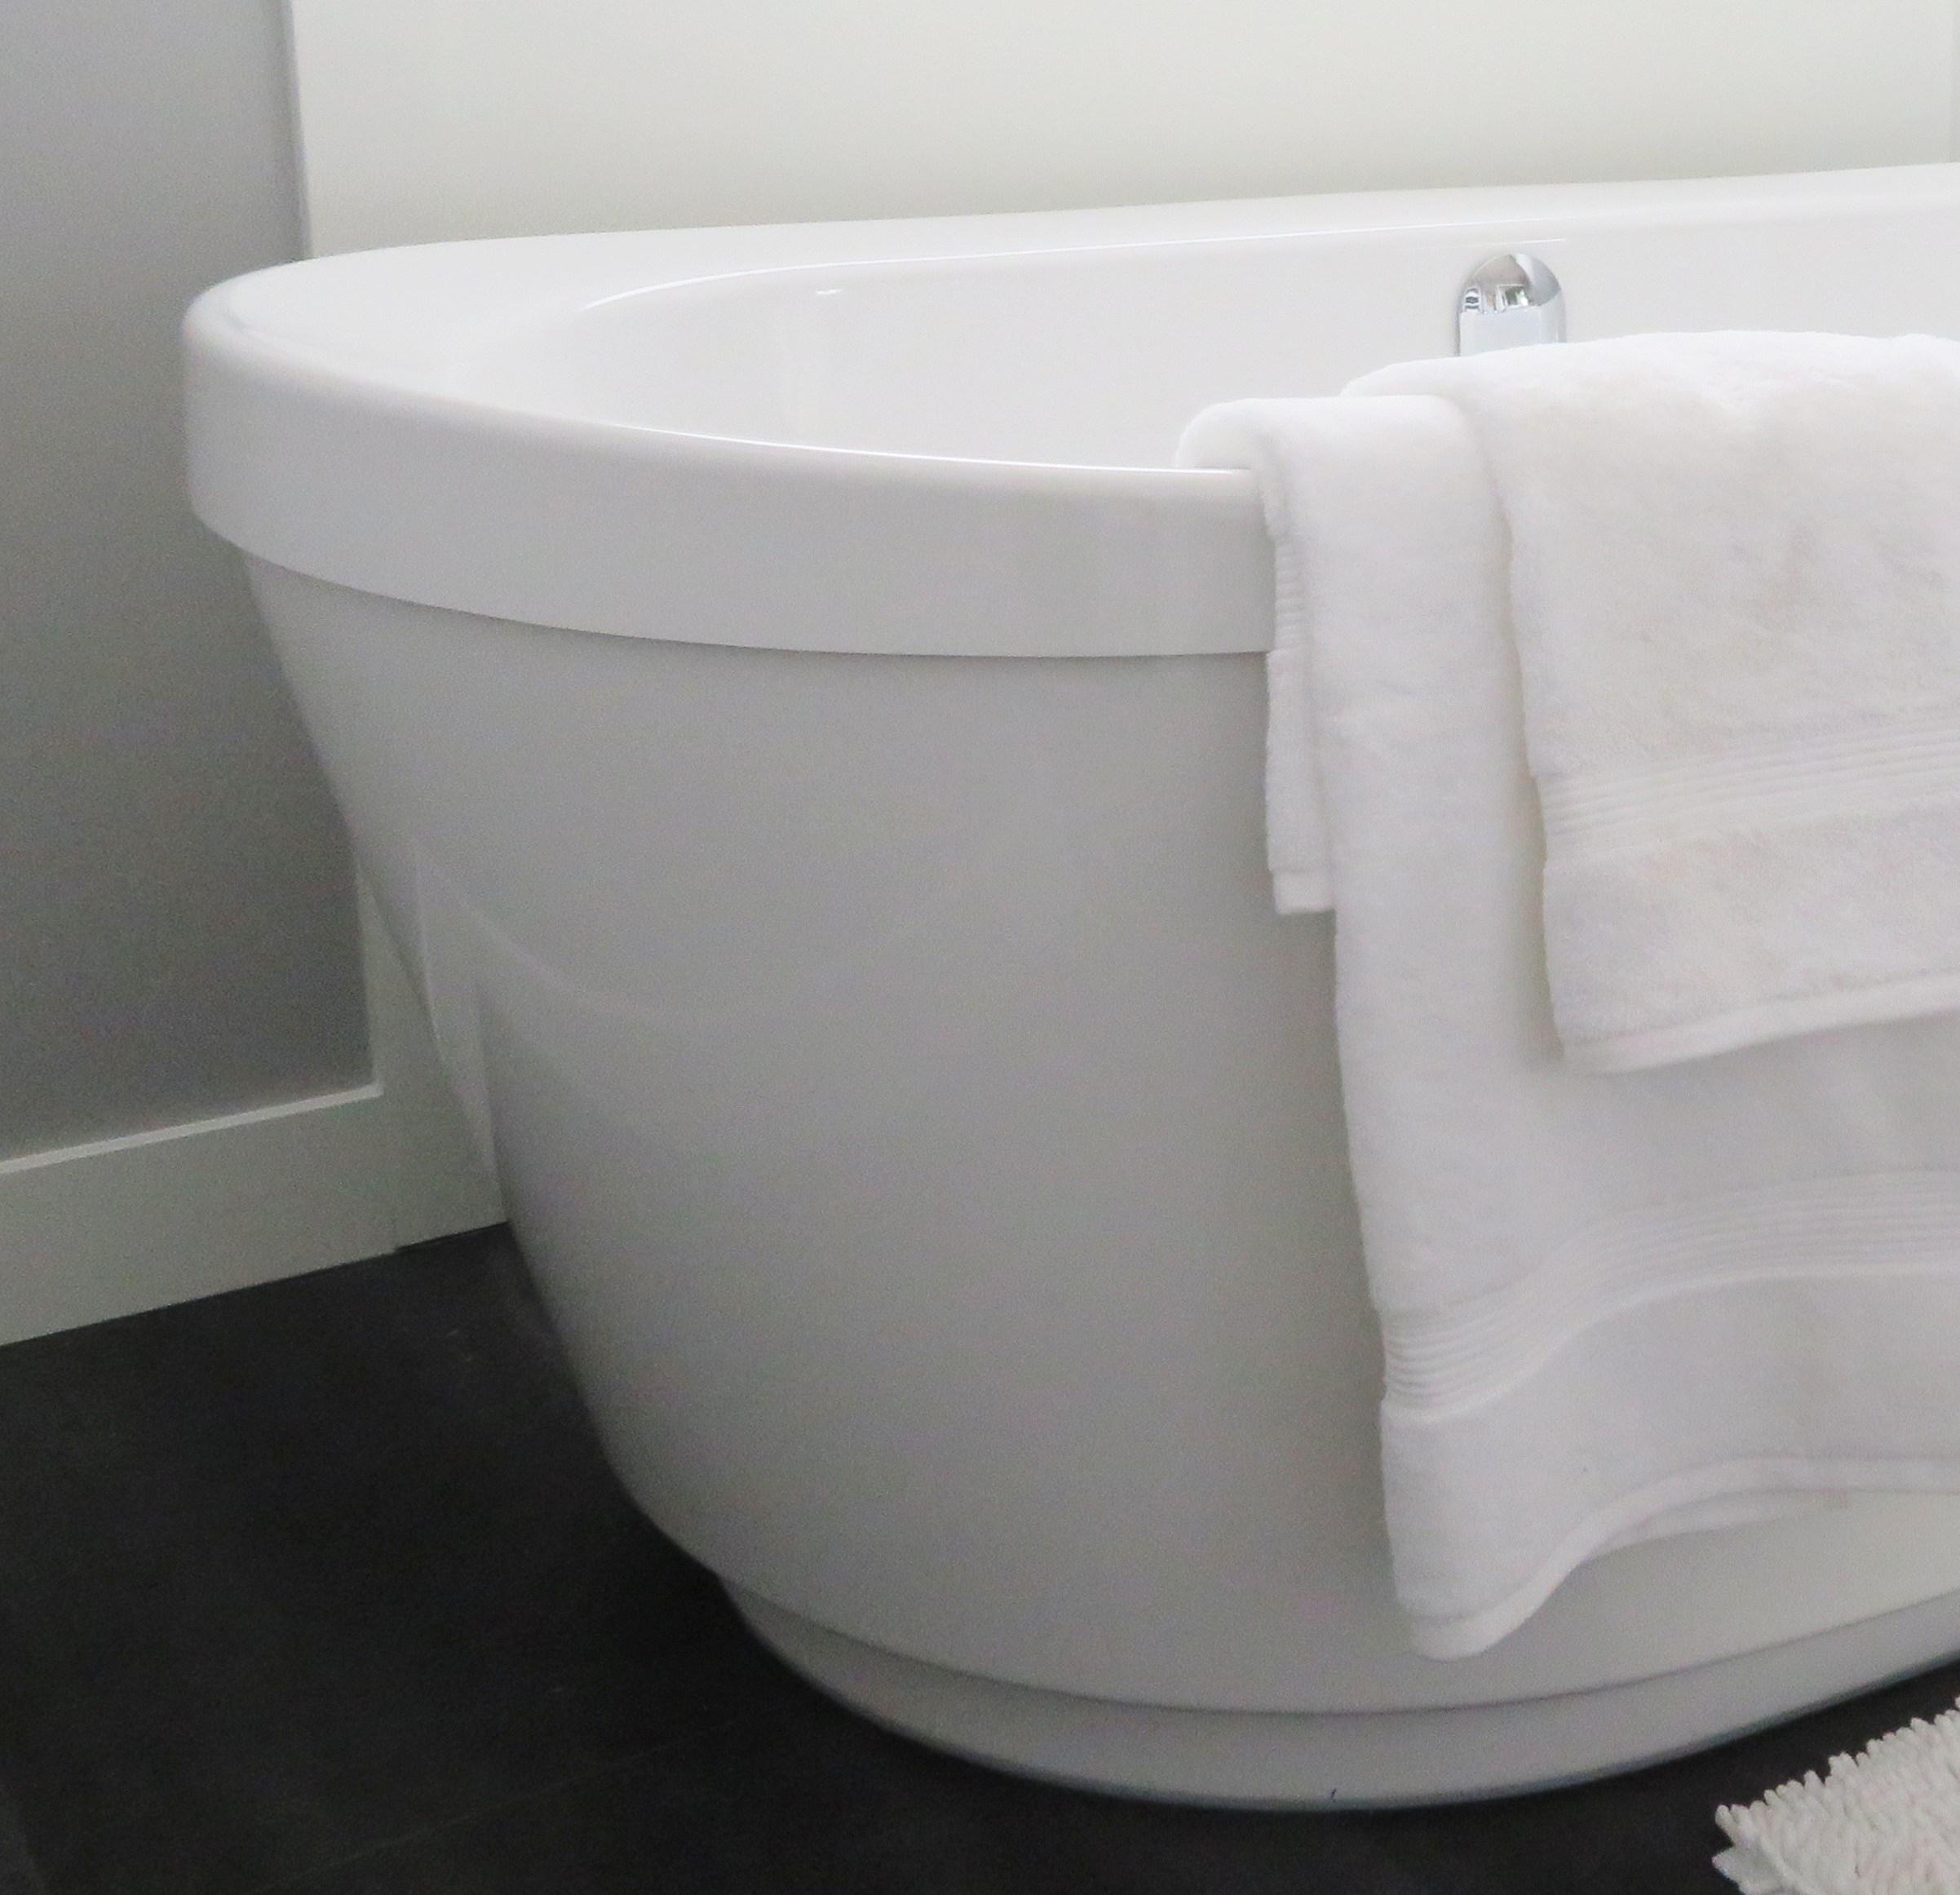 Kylpyammeen uusi elämä